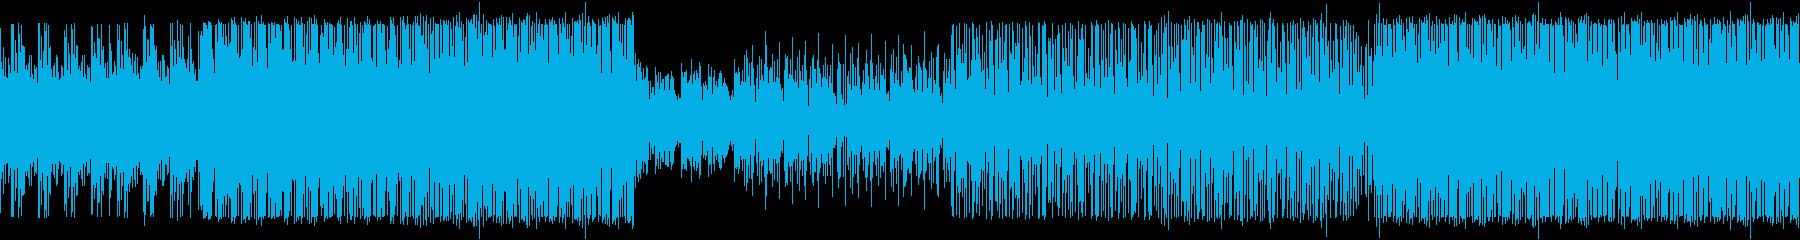 【ループ対応】ビートメインのBGMの再生済みの波形